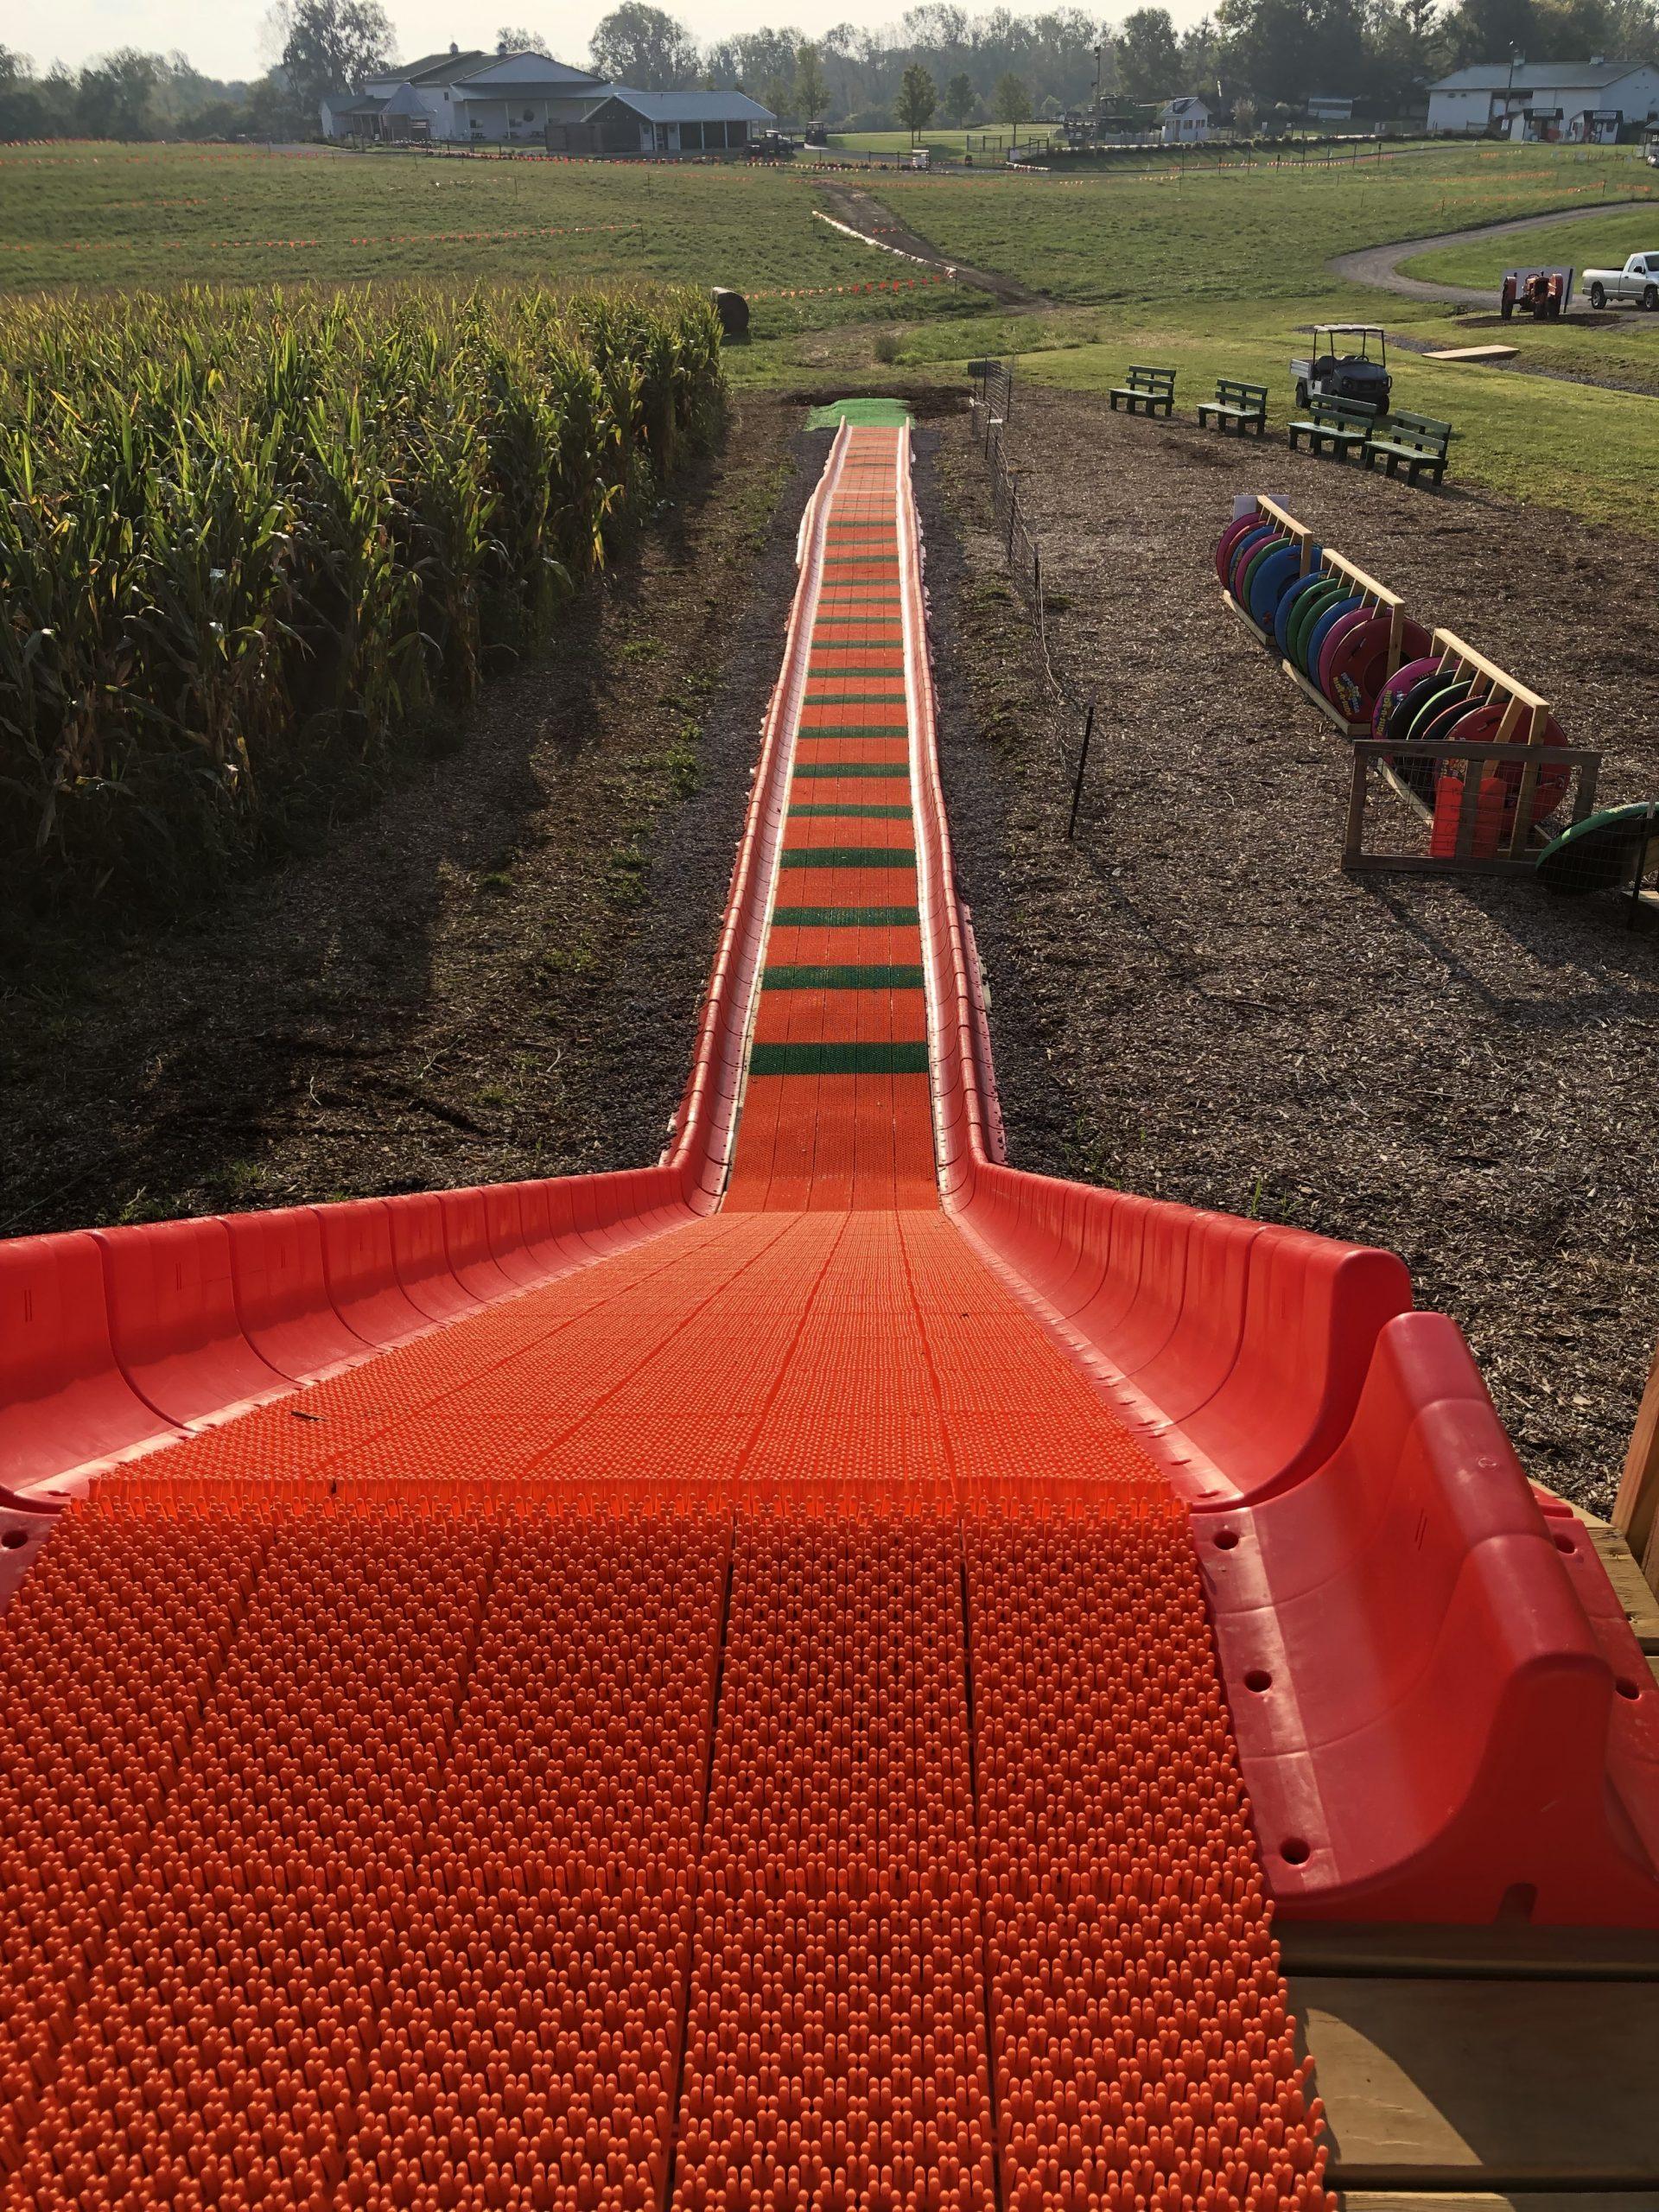 Pumpkin patch slide